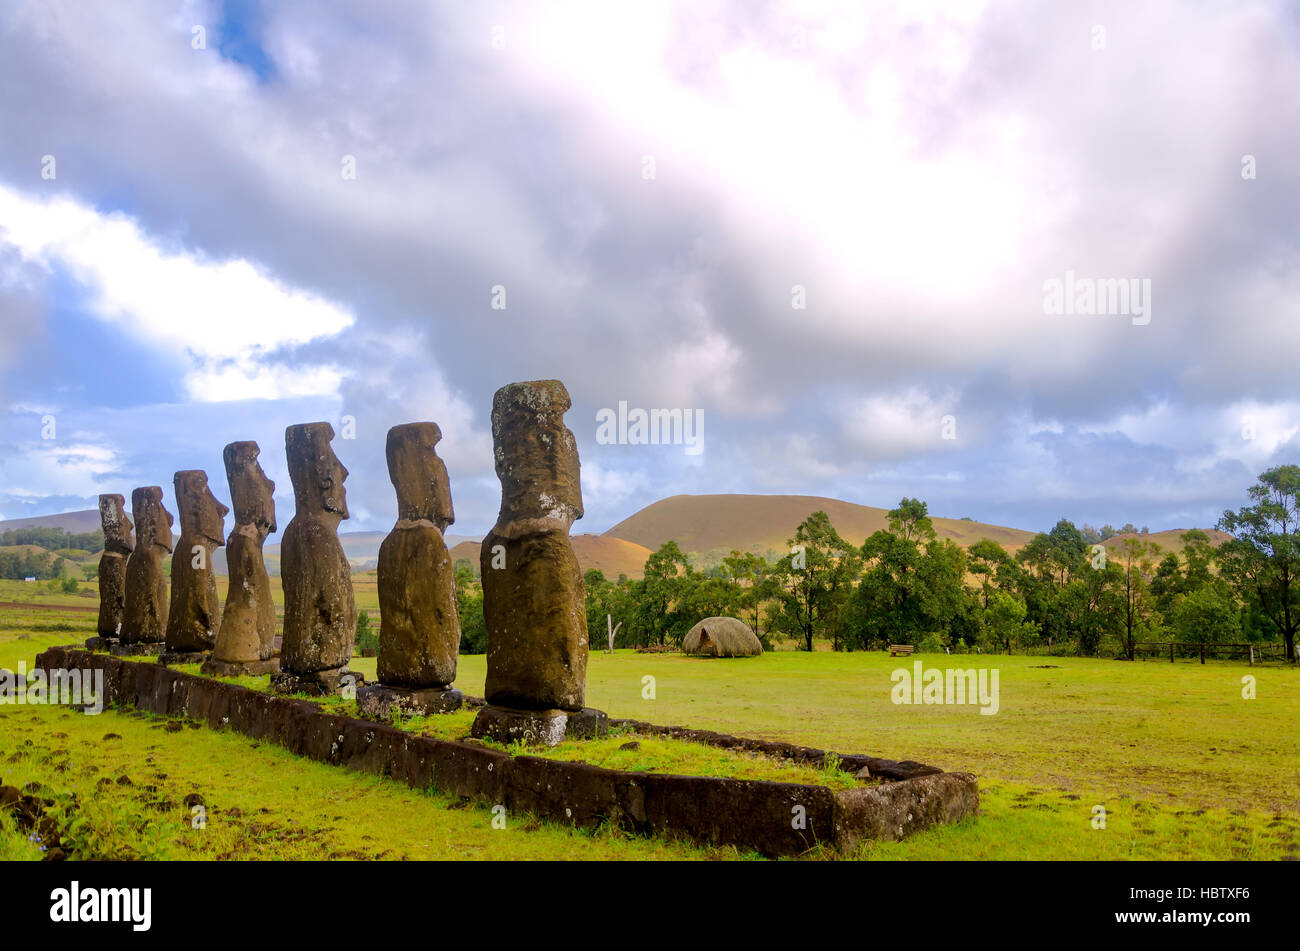 Belles statues moai sur l'île de Pâques, Chili Photo Stock